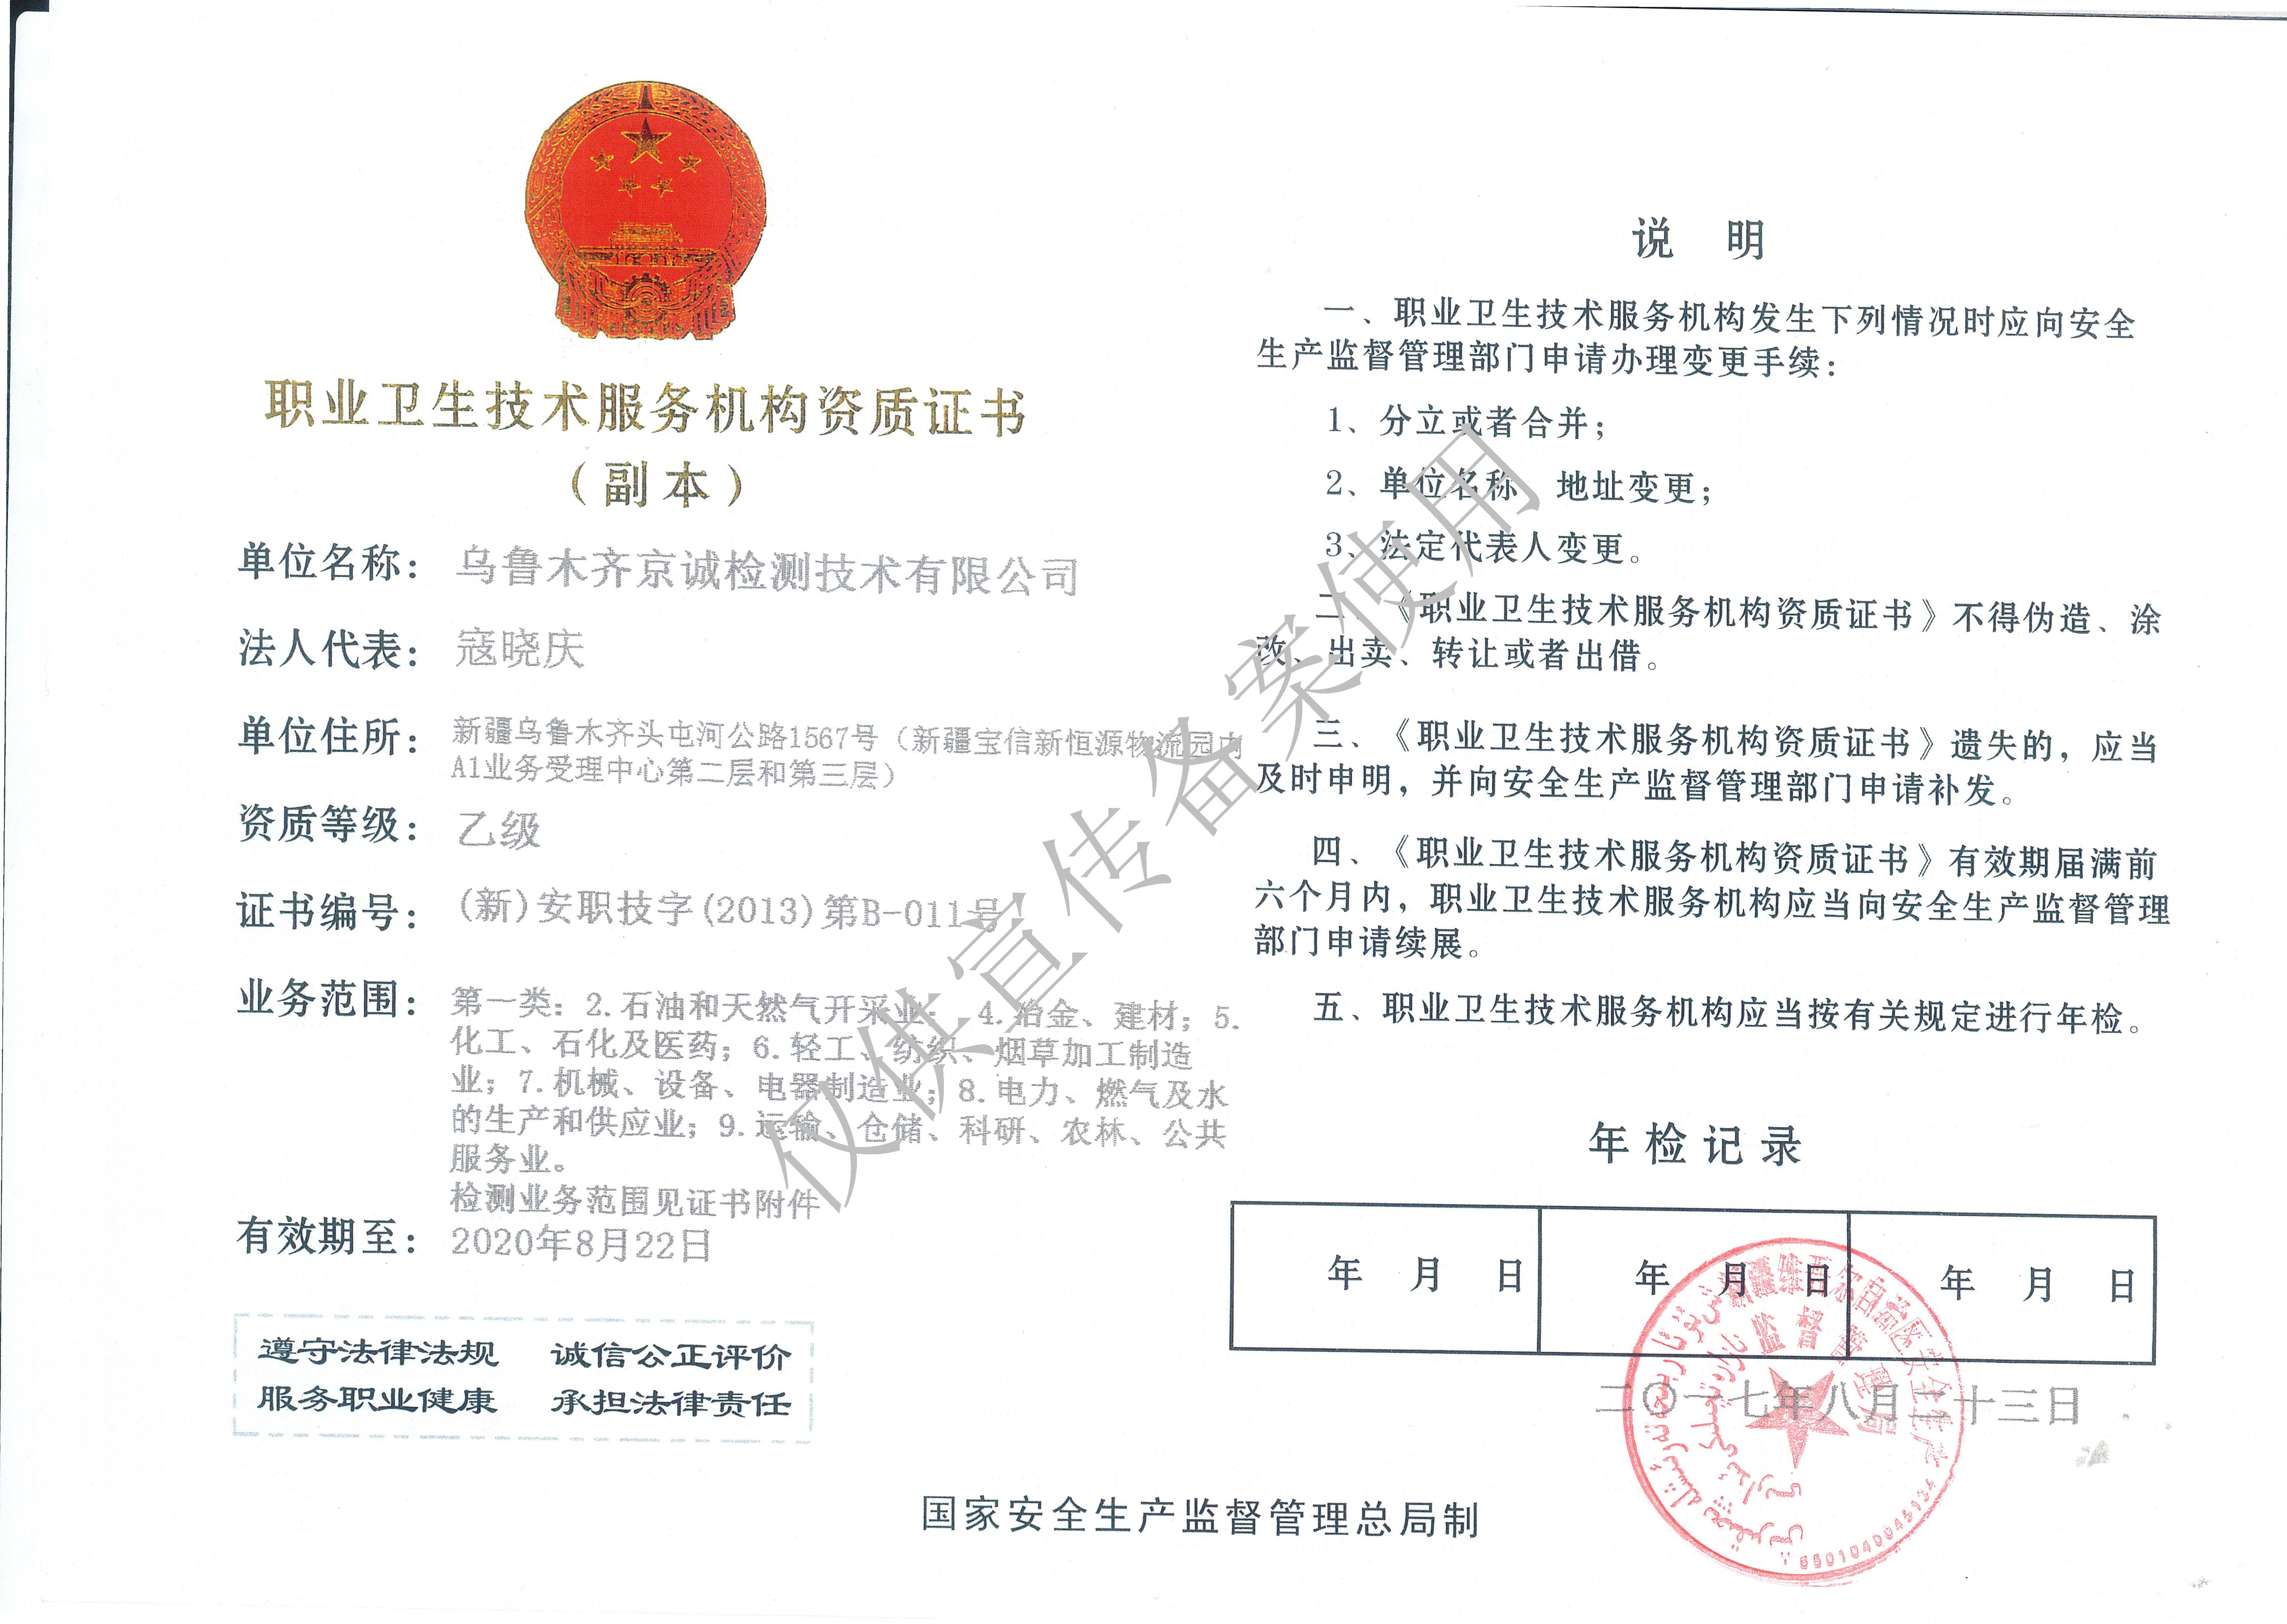 职业卫生技术服务机构乙级资质-新疆